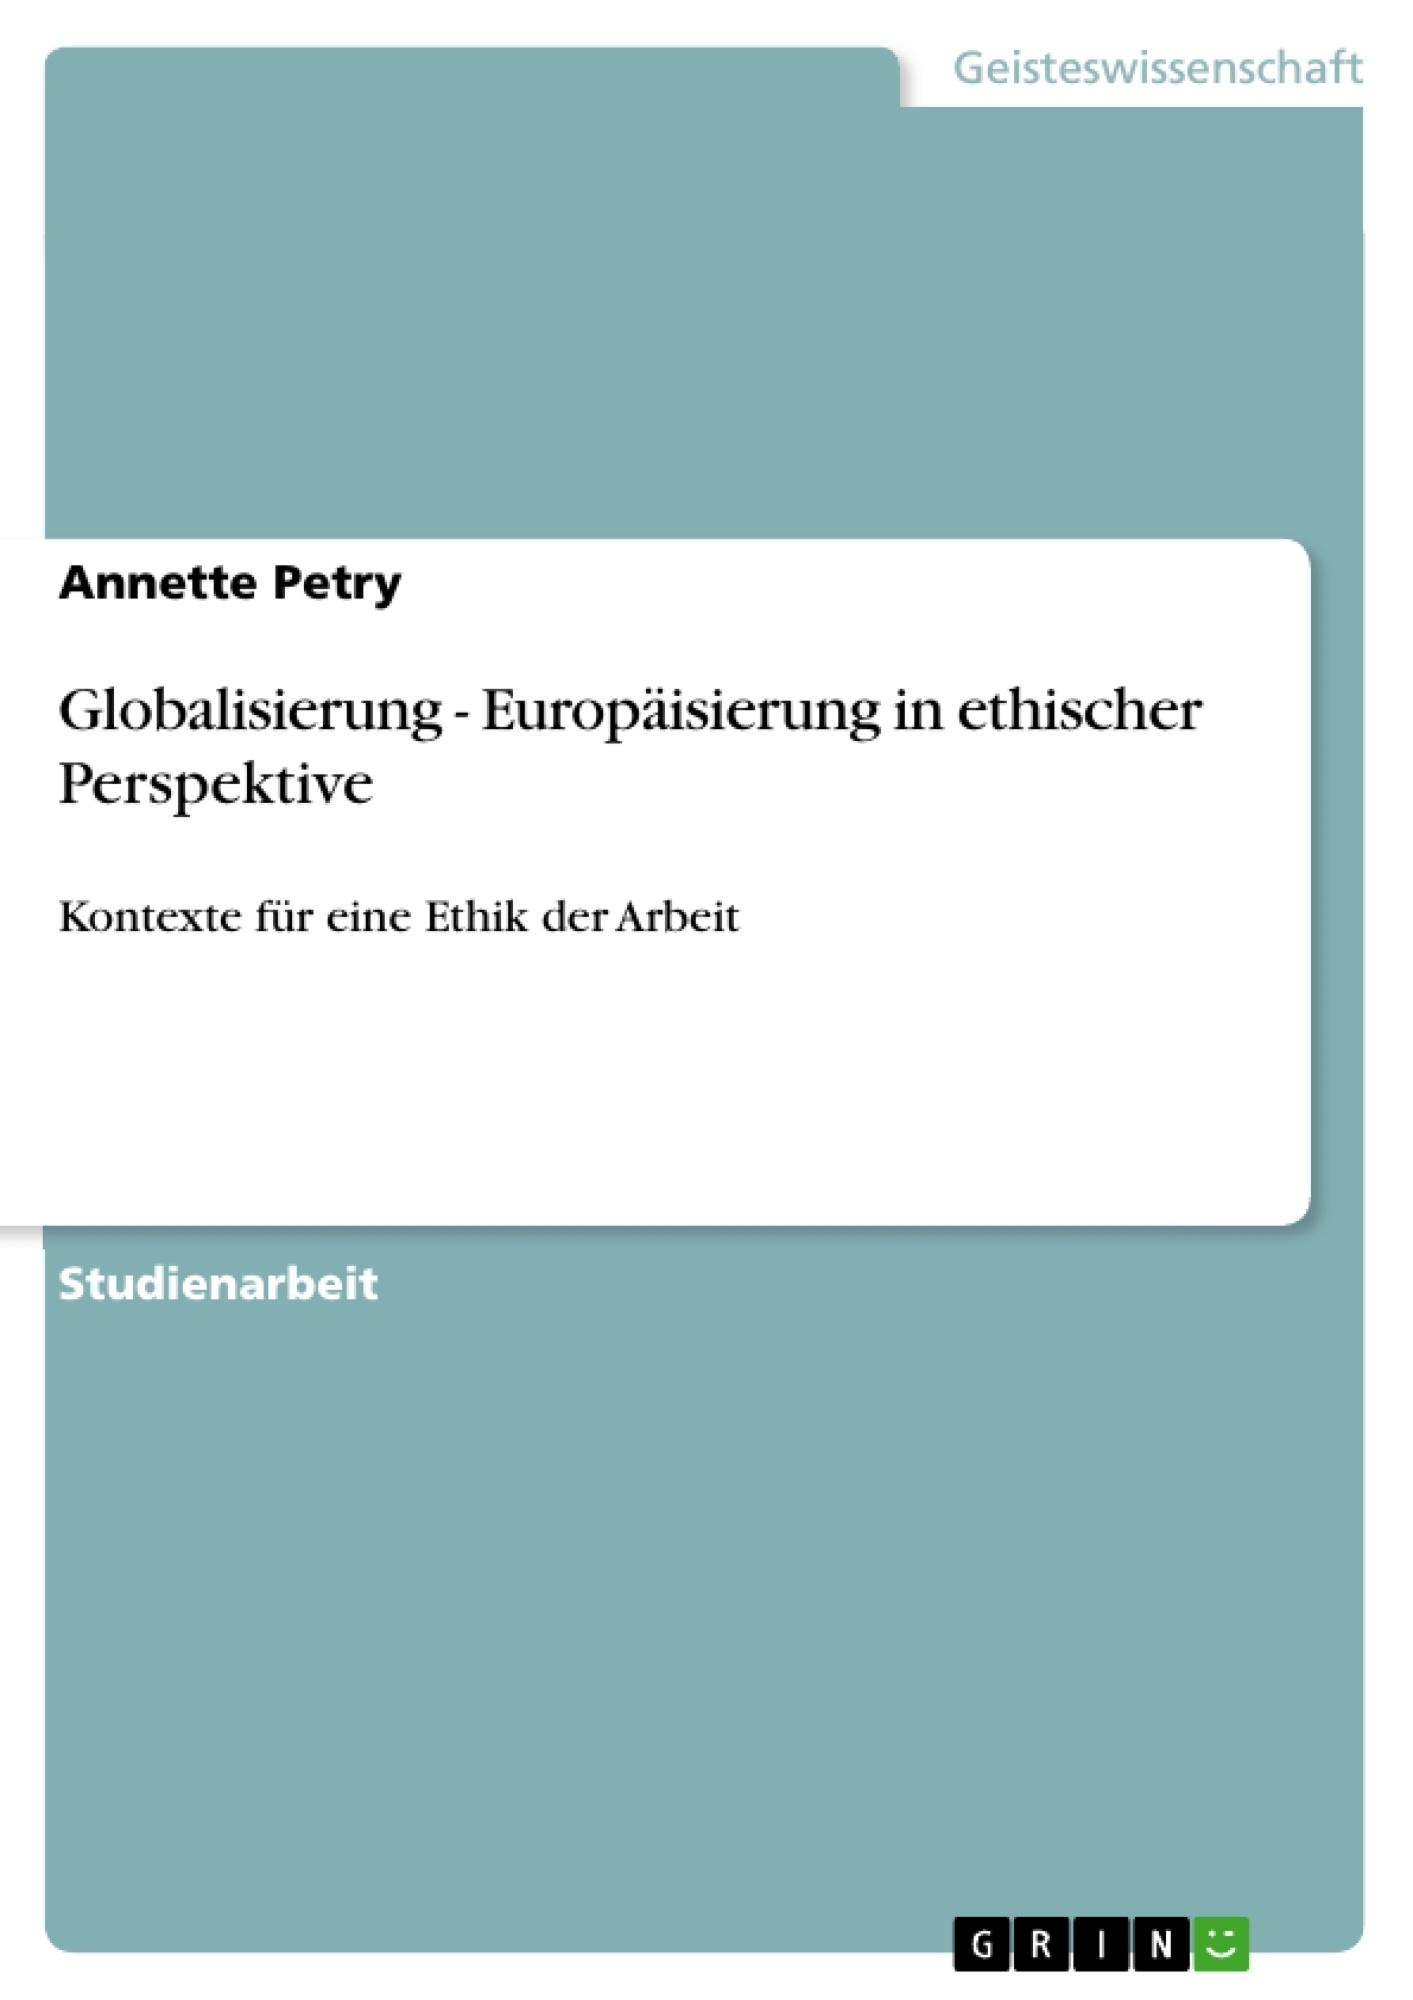 Titel: Globalisierung - Europäisierung in ethischer Perspektive